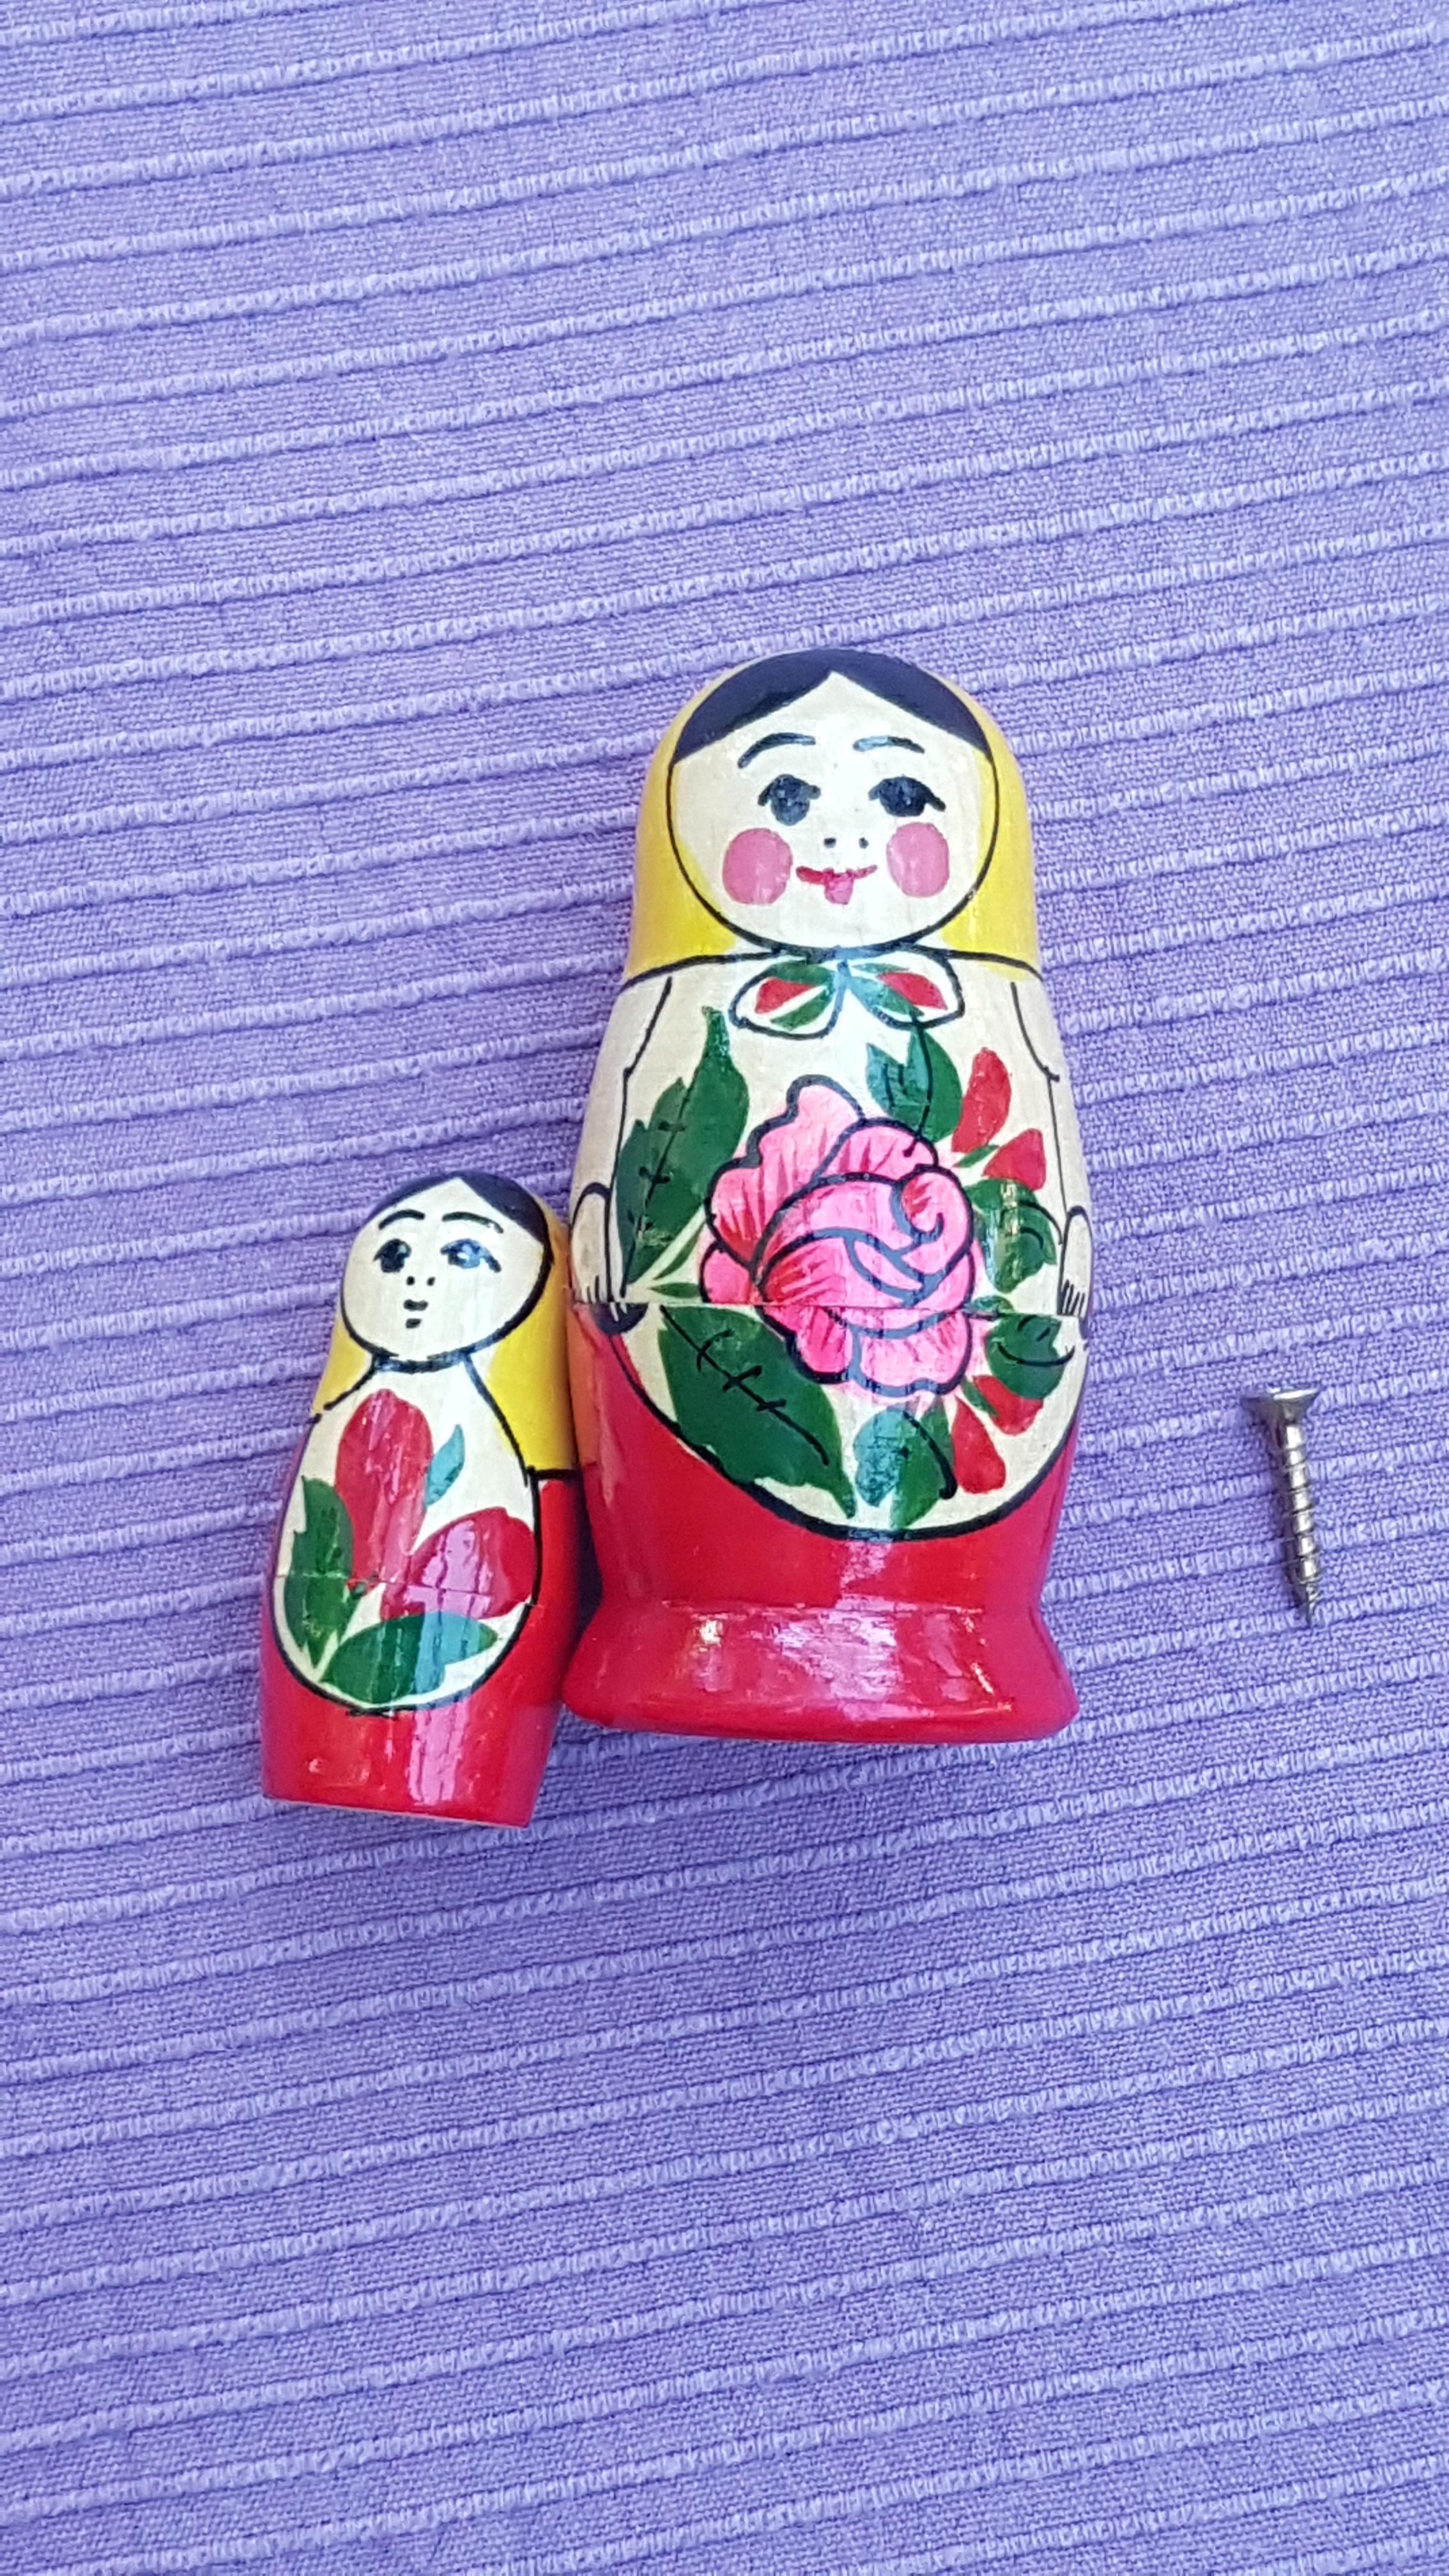 troc de troc 2 petites poupées russes image 0